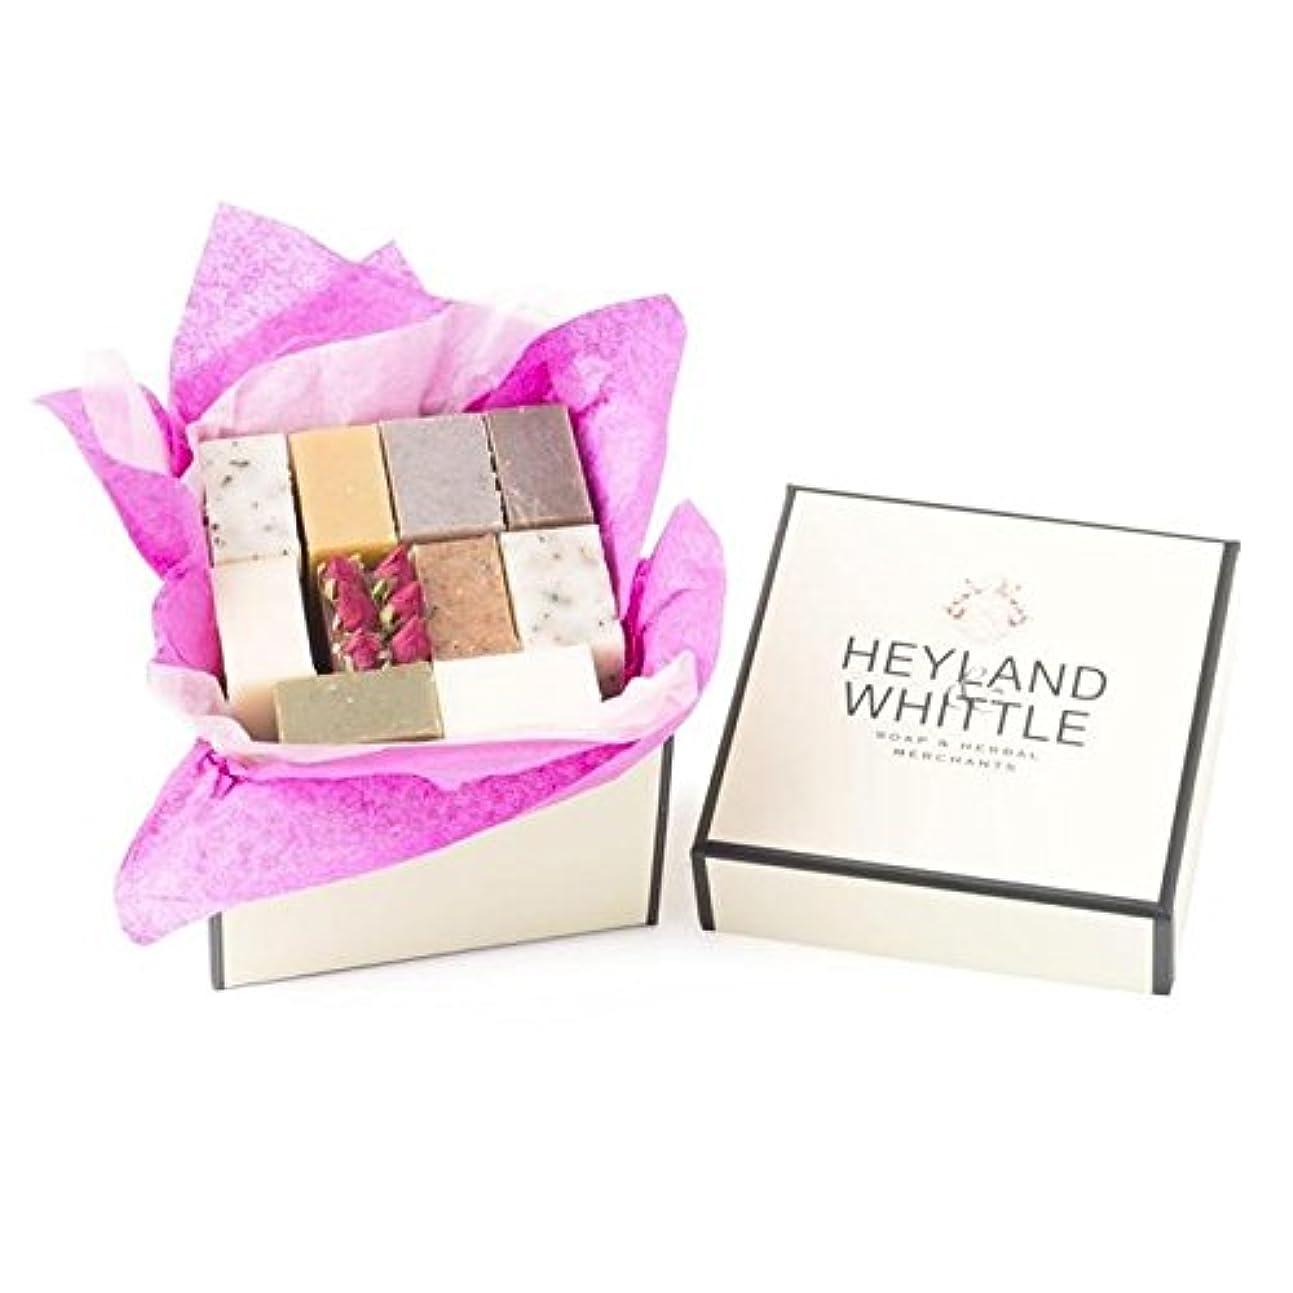 計画的おなかがすいた先見の明Heyland & Whittle Soap Gift Box, Small - 小さな&削るソープギフトボックス、 [並行輸入品]